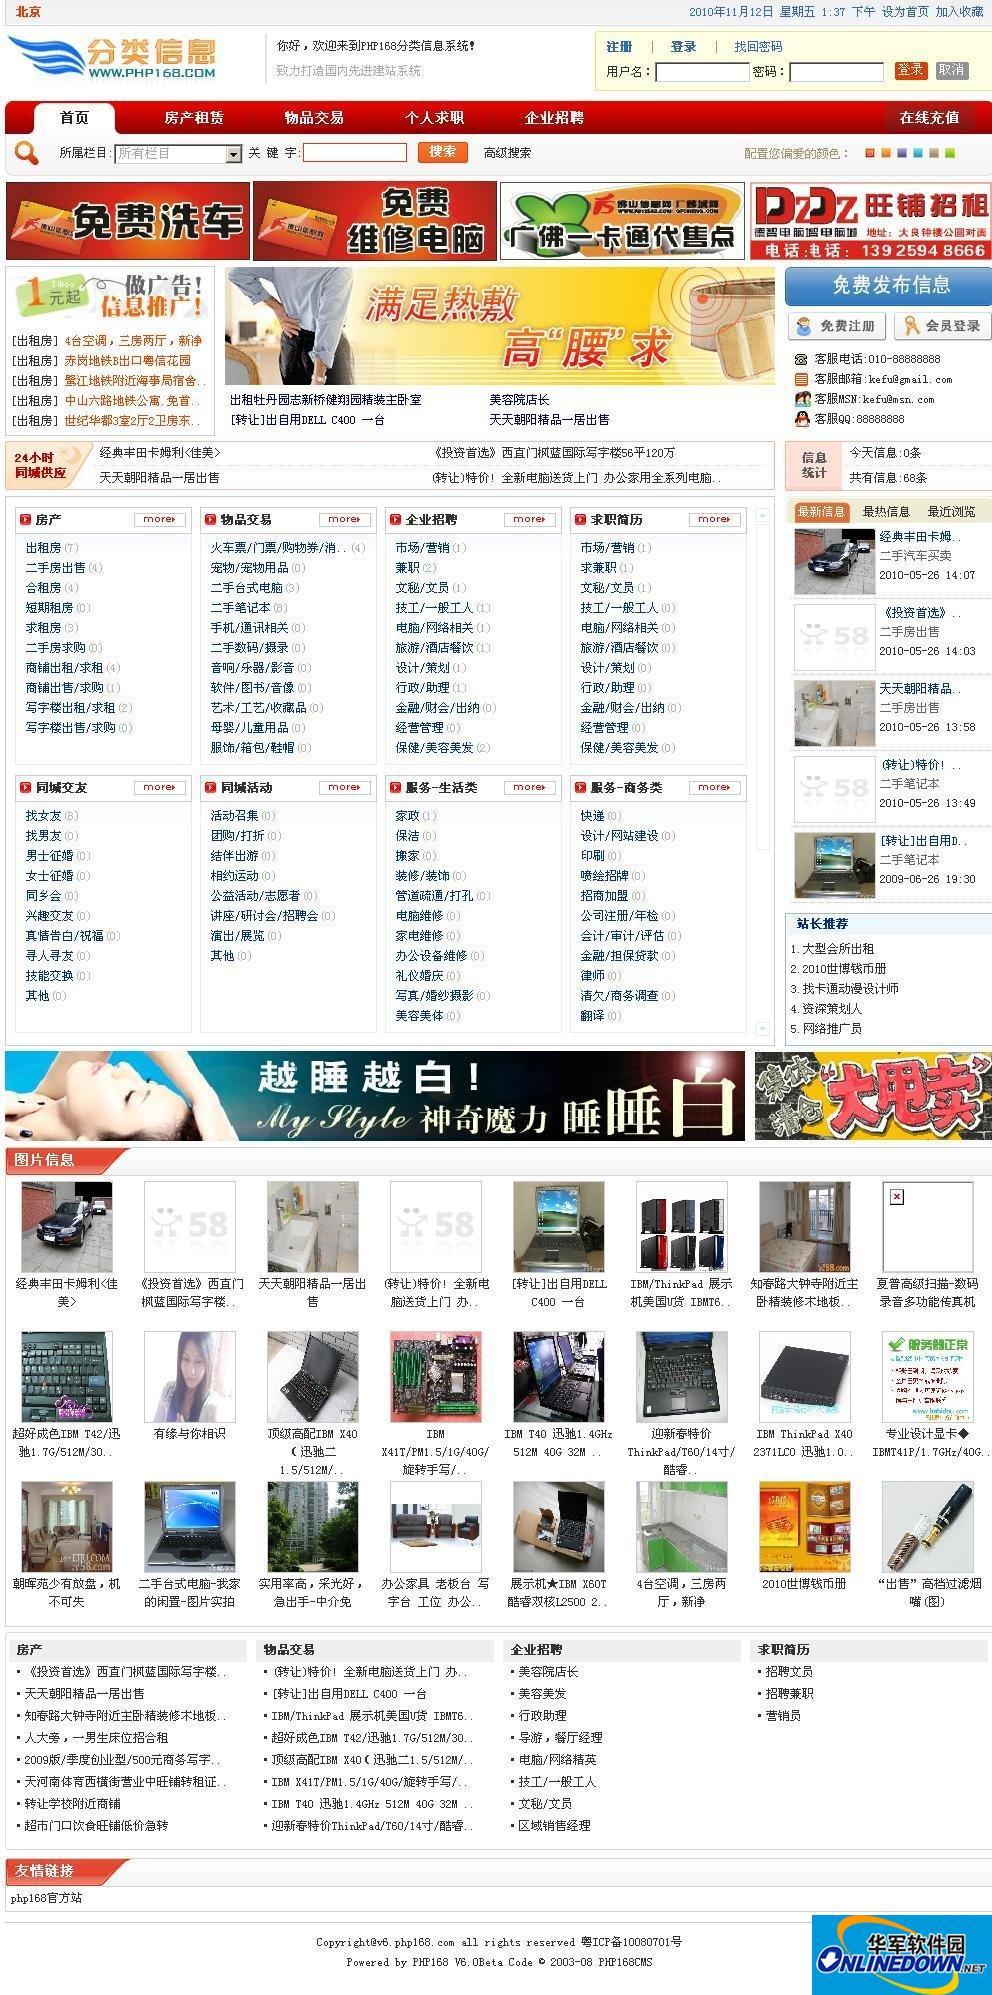 齐博分类信息系统 6 bilud 20101112